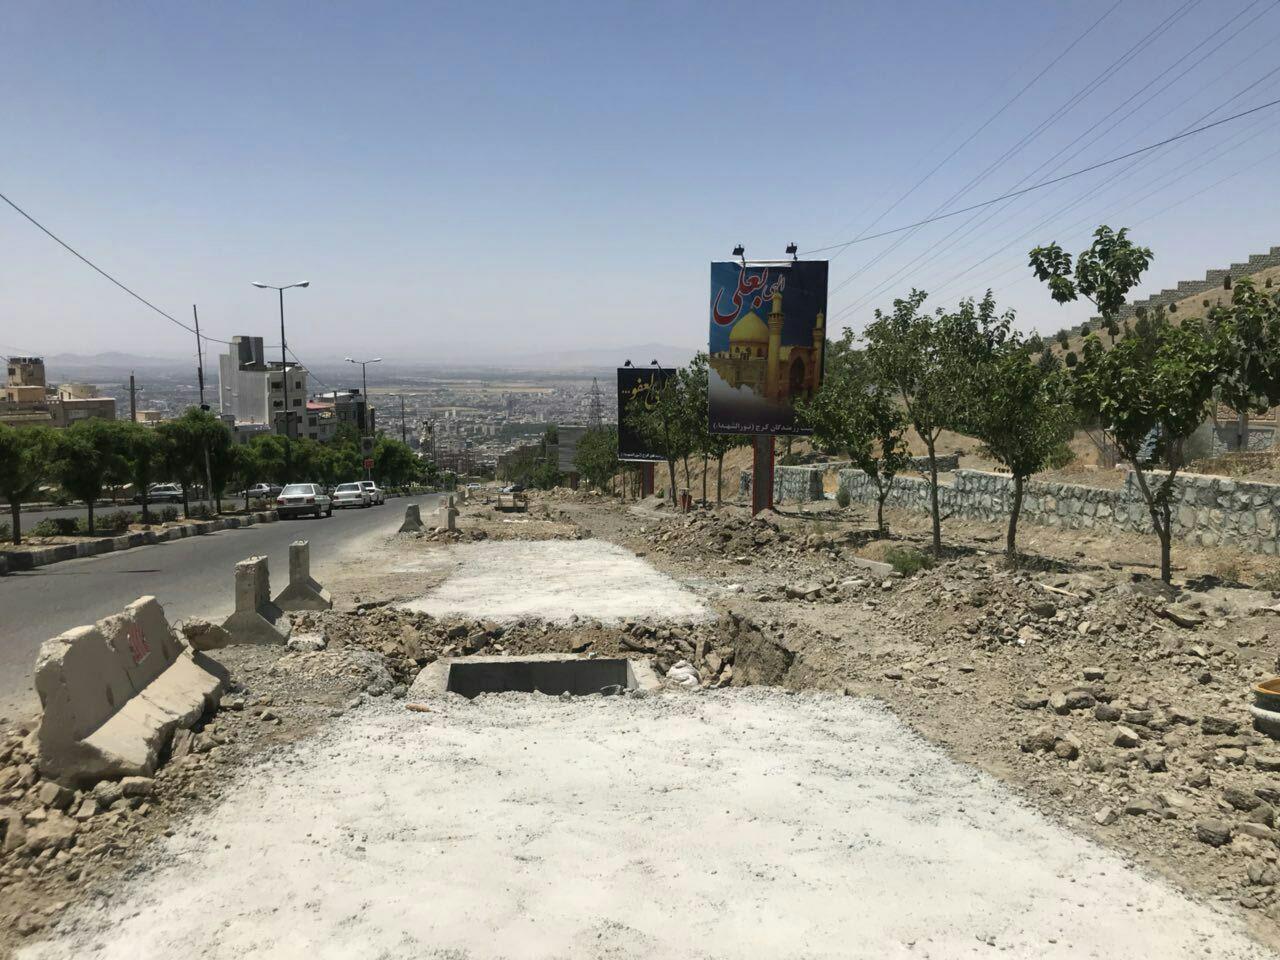 در آستانه خرابی ۶۳ روستای قزوین در اثر سیل/ خانه ها تخلیه شوند